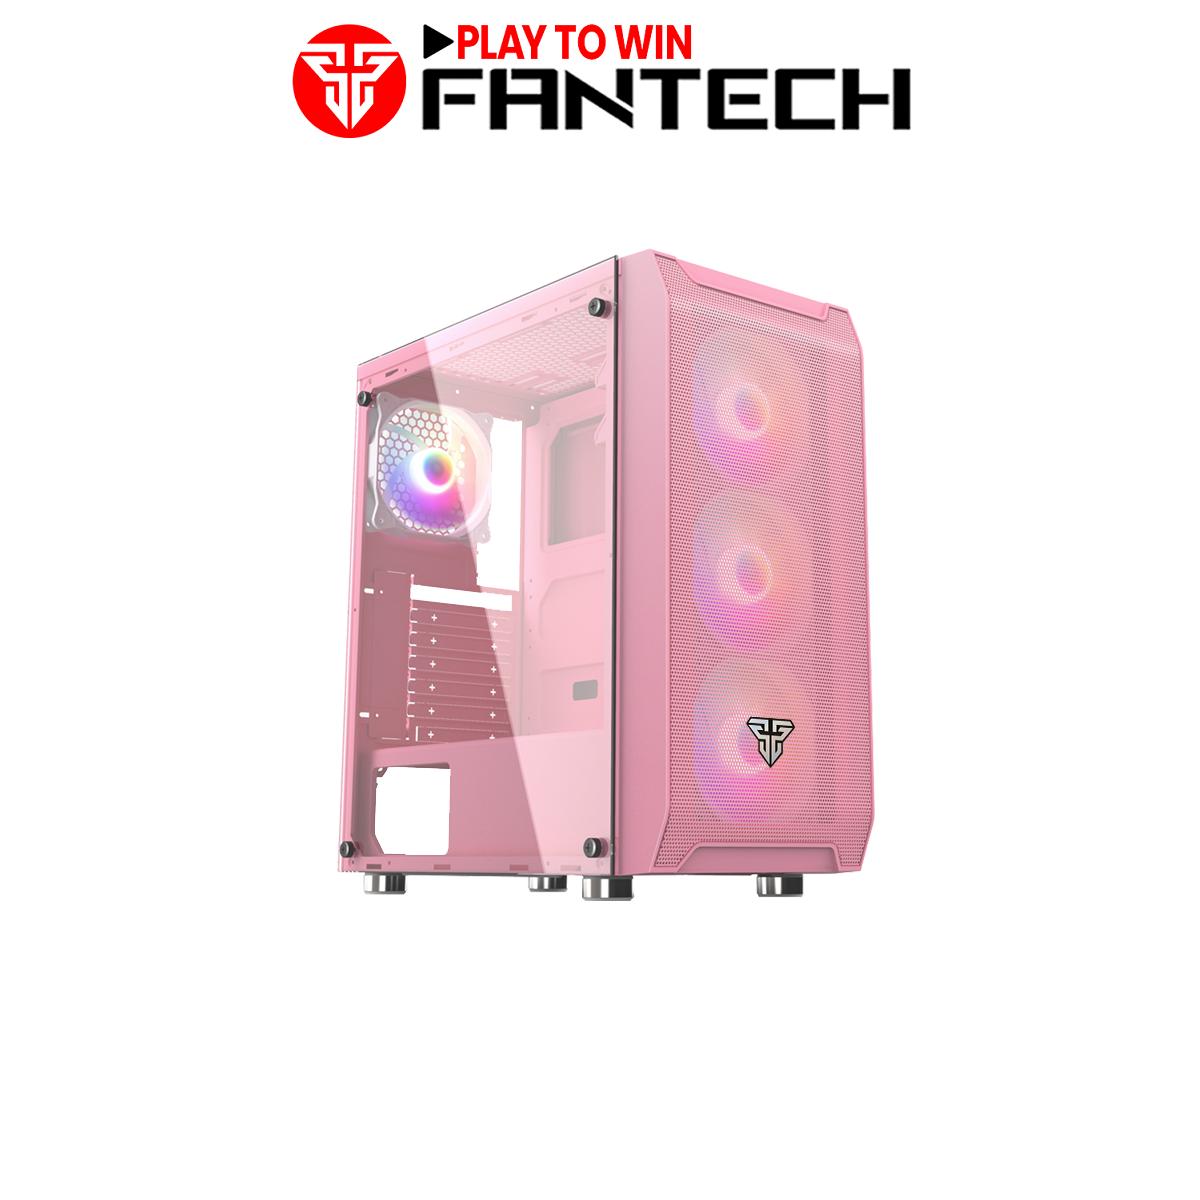 Vỏ Case Máy Tính Mặt Bên Kính Cường Lực FANTECH CG80 AERO Tặng Kèm 4 Quạt LED RGB – Hãng Phân Phối Chính Thức